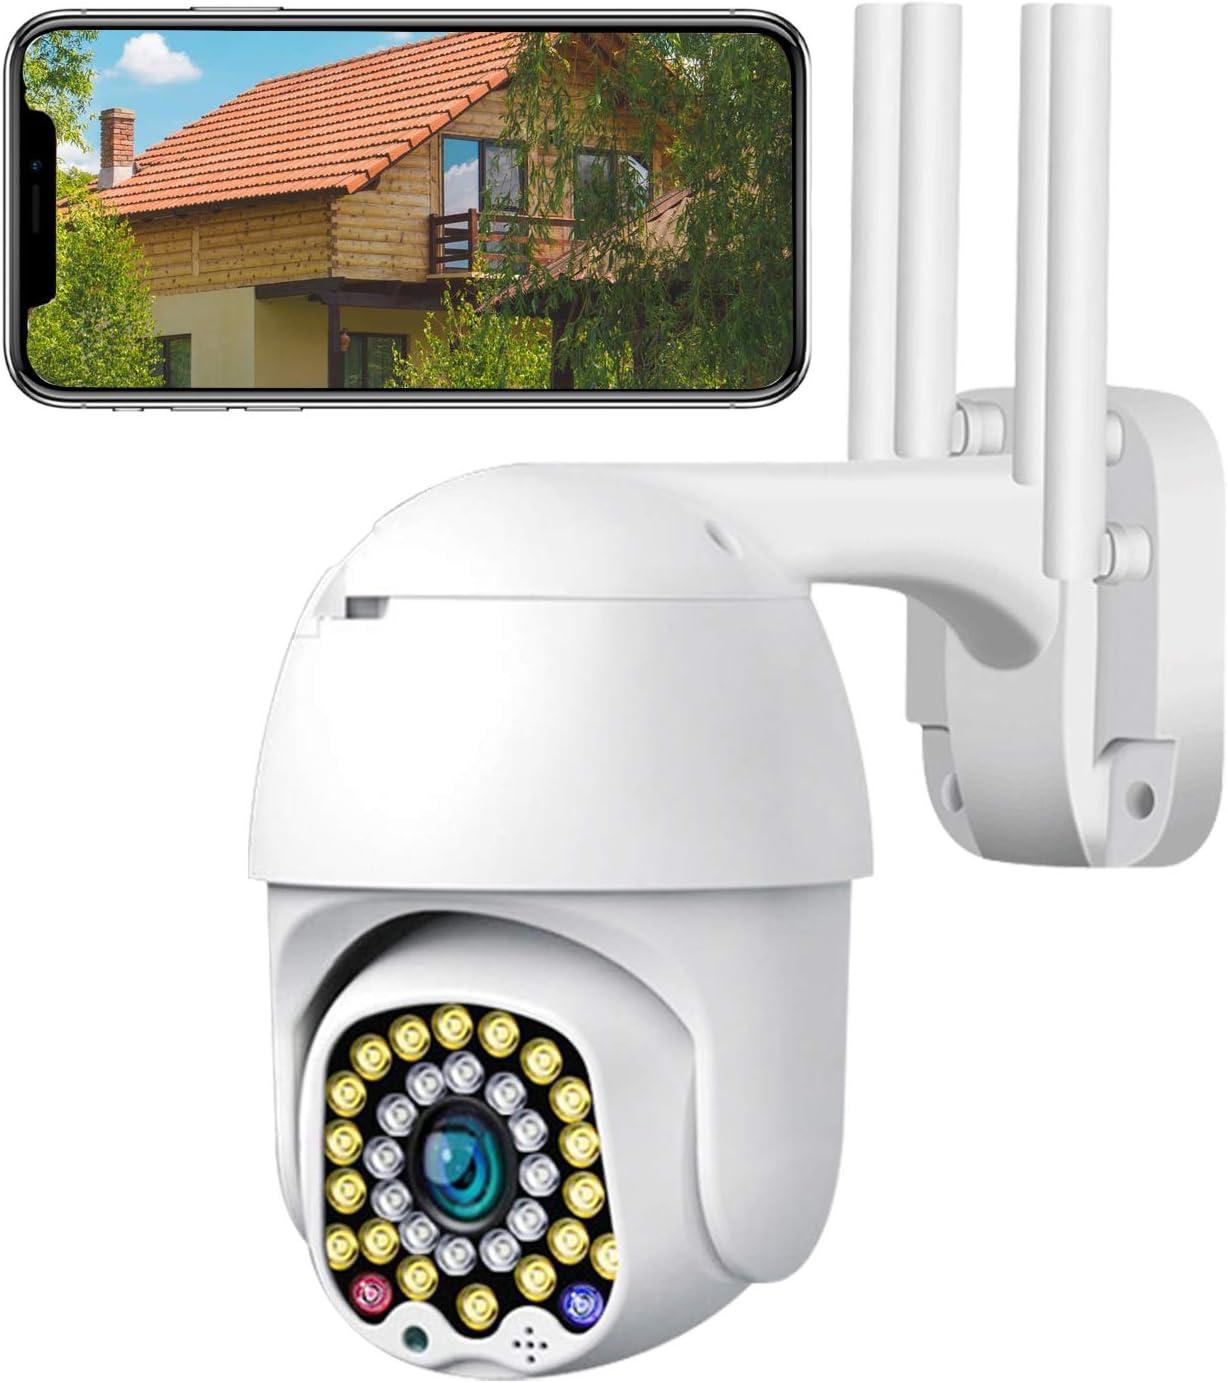 Cámara de Vigilancia WiFi para Detección de Personas Visión Nocturna por Infrarrojos, Detección de Movimiento, IP 65, Resistente al Agua, Interiores y Exteriores: Amazon.es: Bricolaje y herramientas